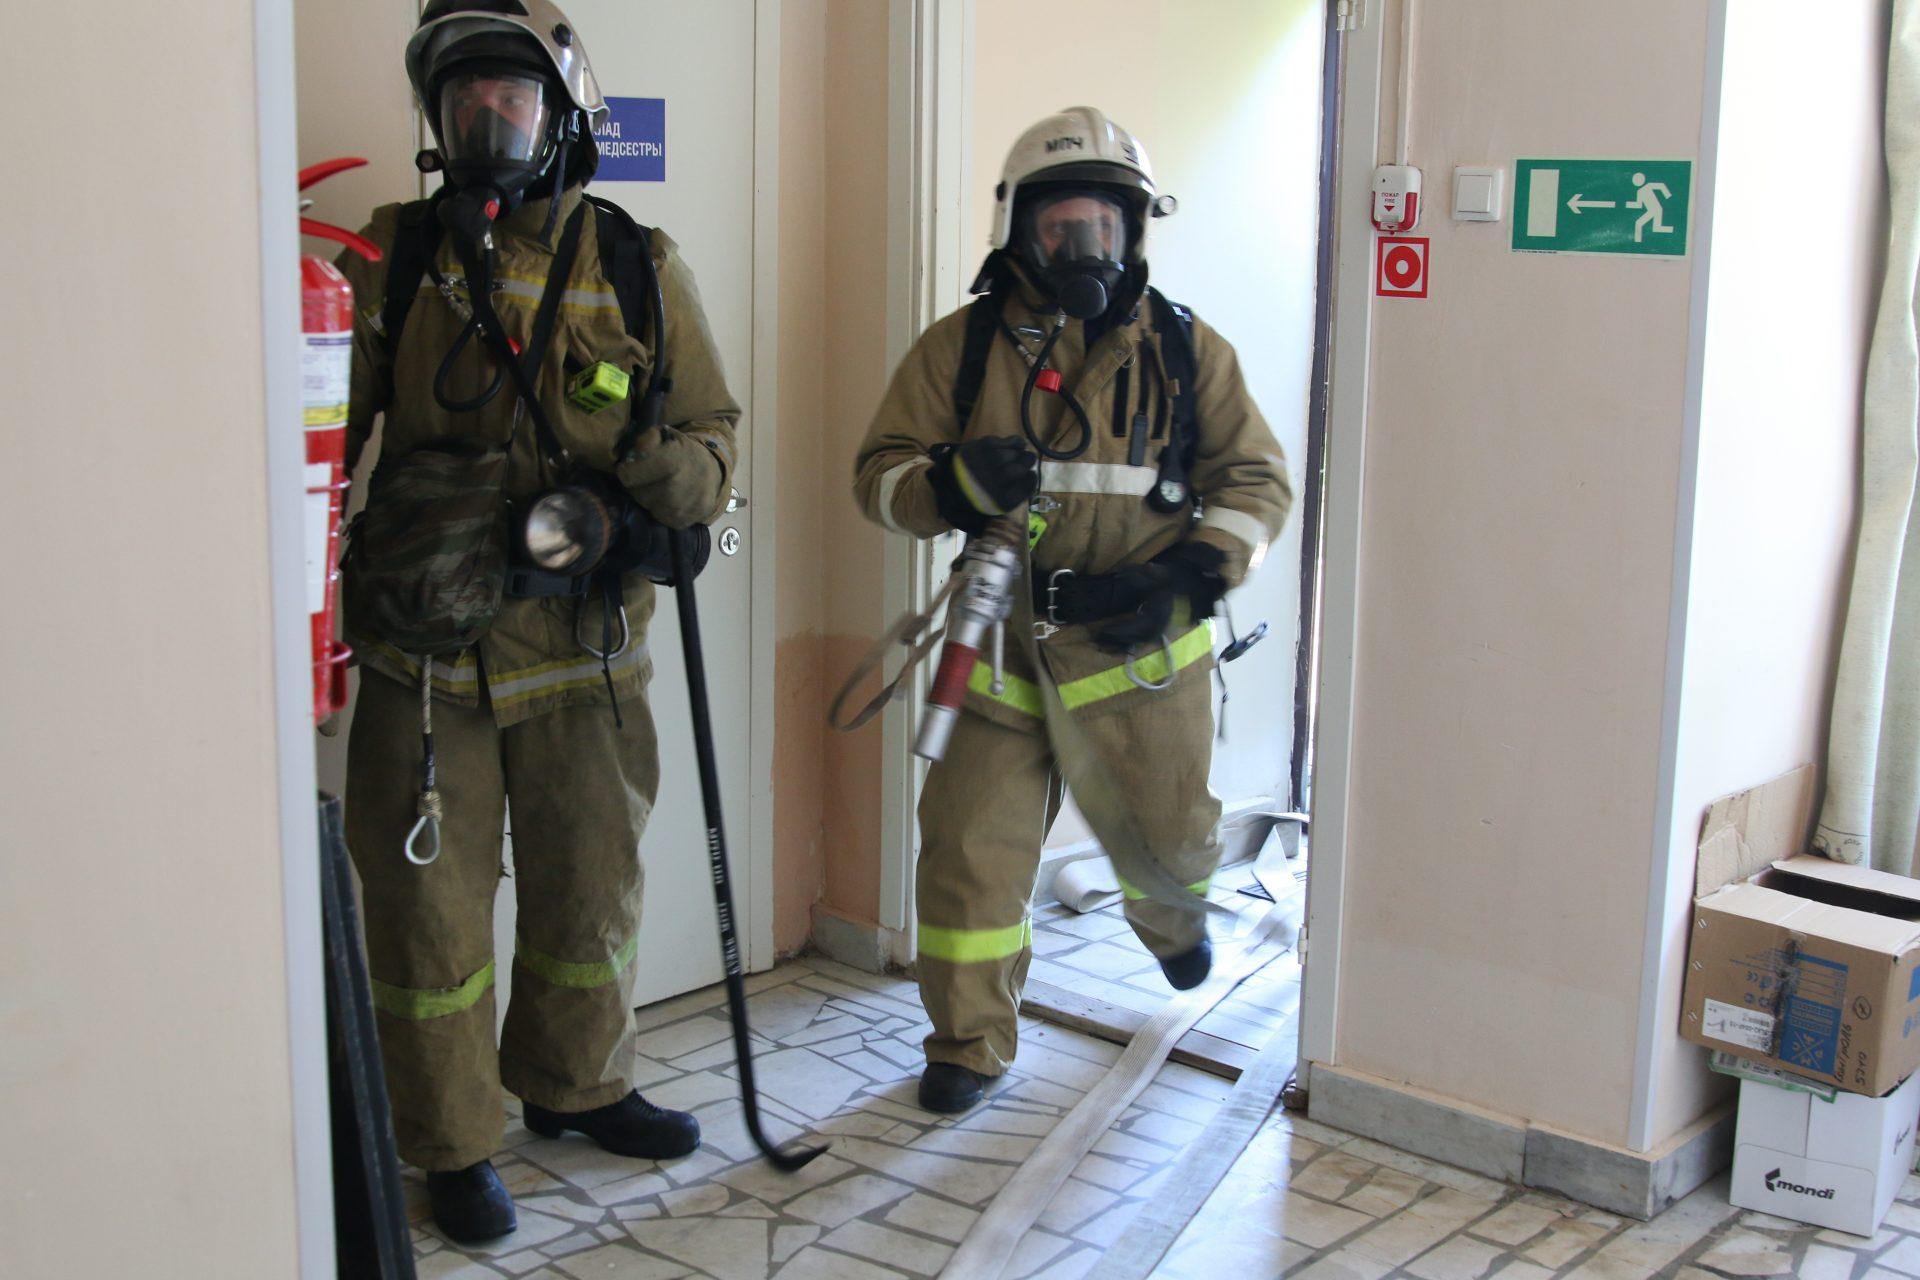 Ложный вызов пожарных может привести к непоправимым последствиям